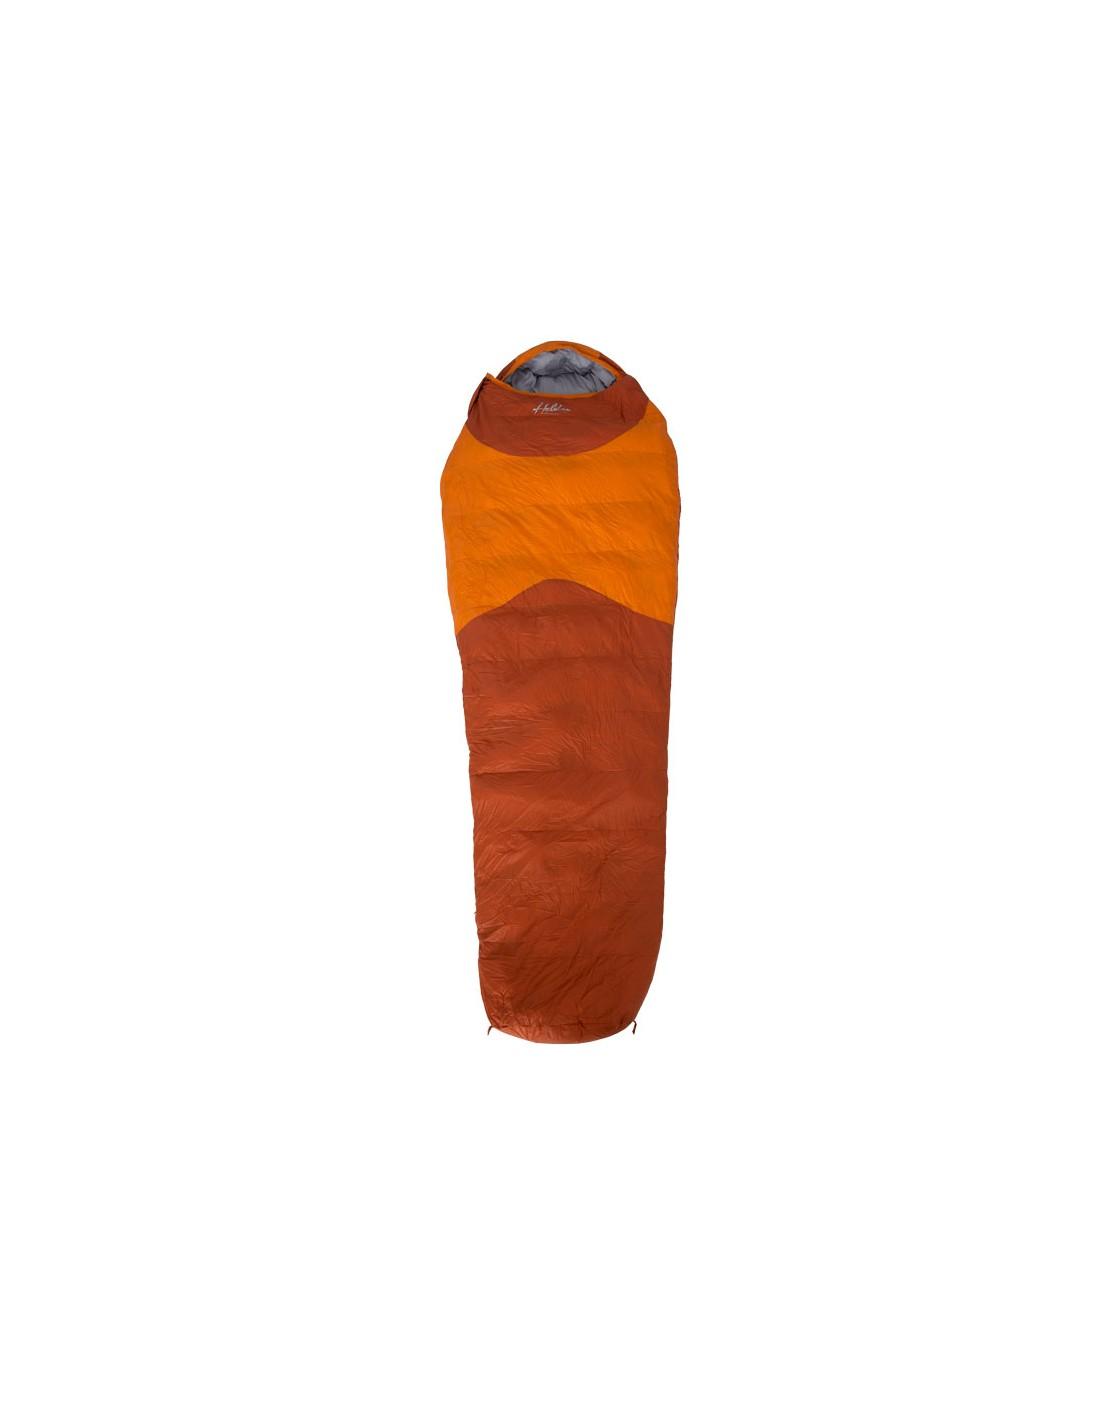 3-Sesongsposer Heldre Draum Sovepose -5 SportsDeal! HE70007 1,499.00